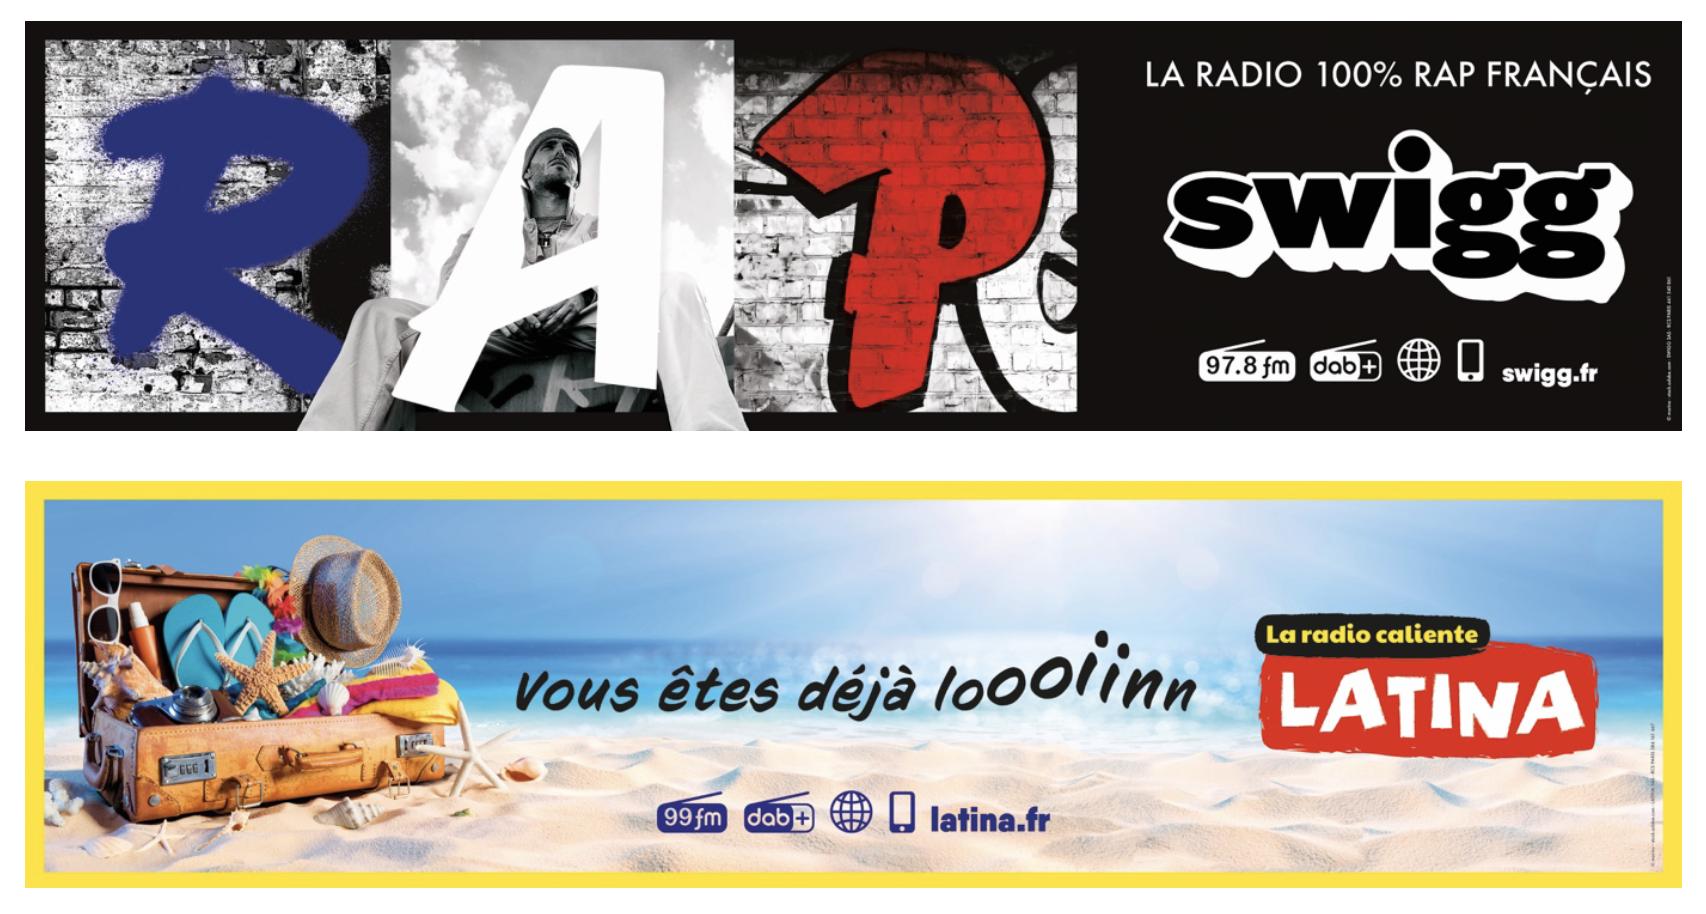 Swigg et Latina s'affichent sur les bus parisiens